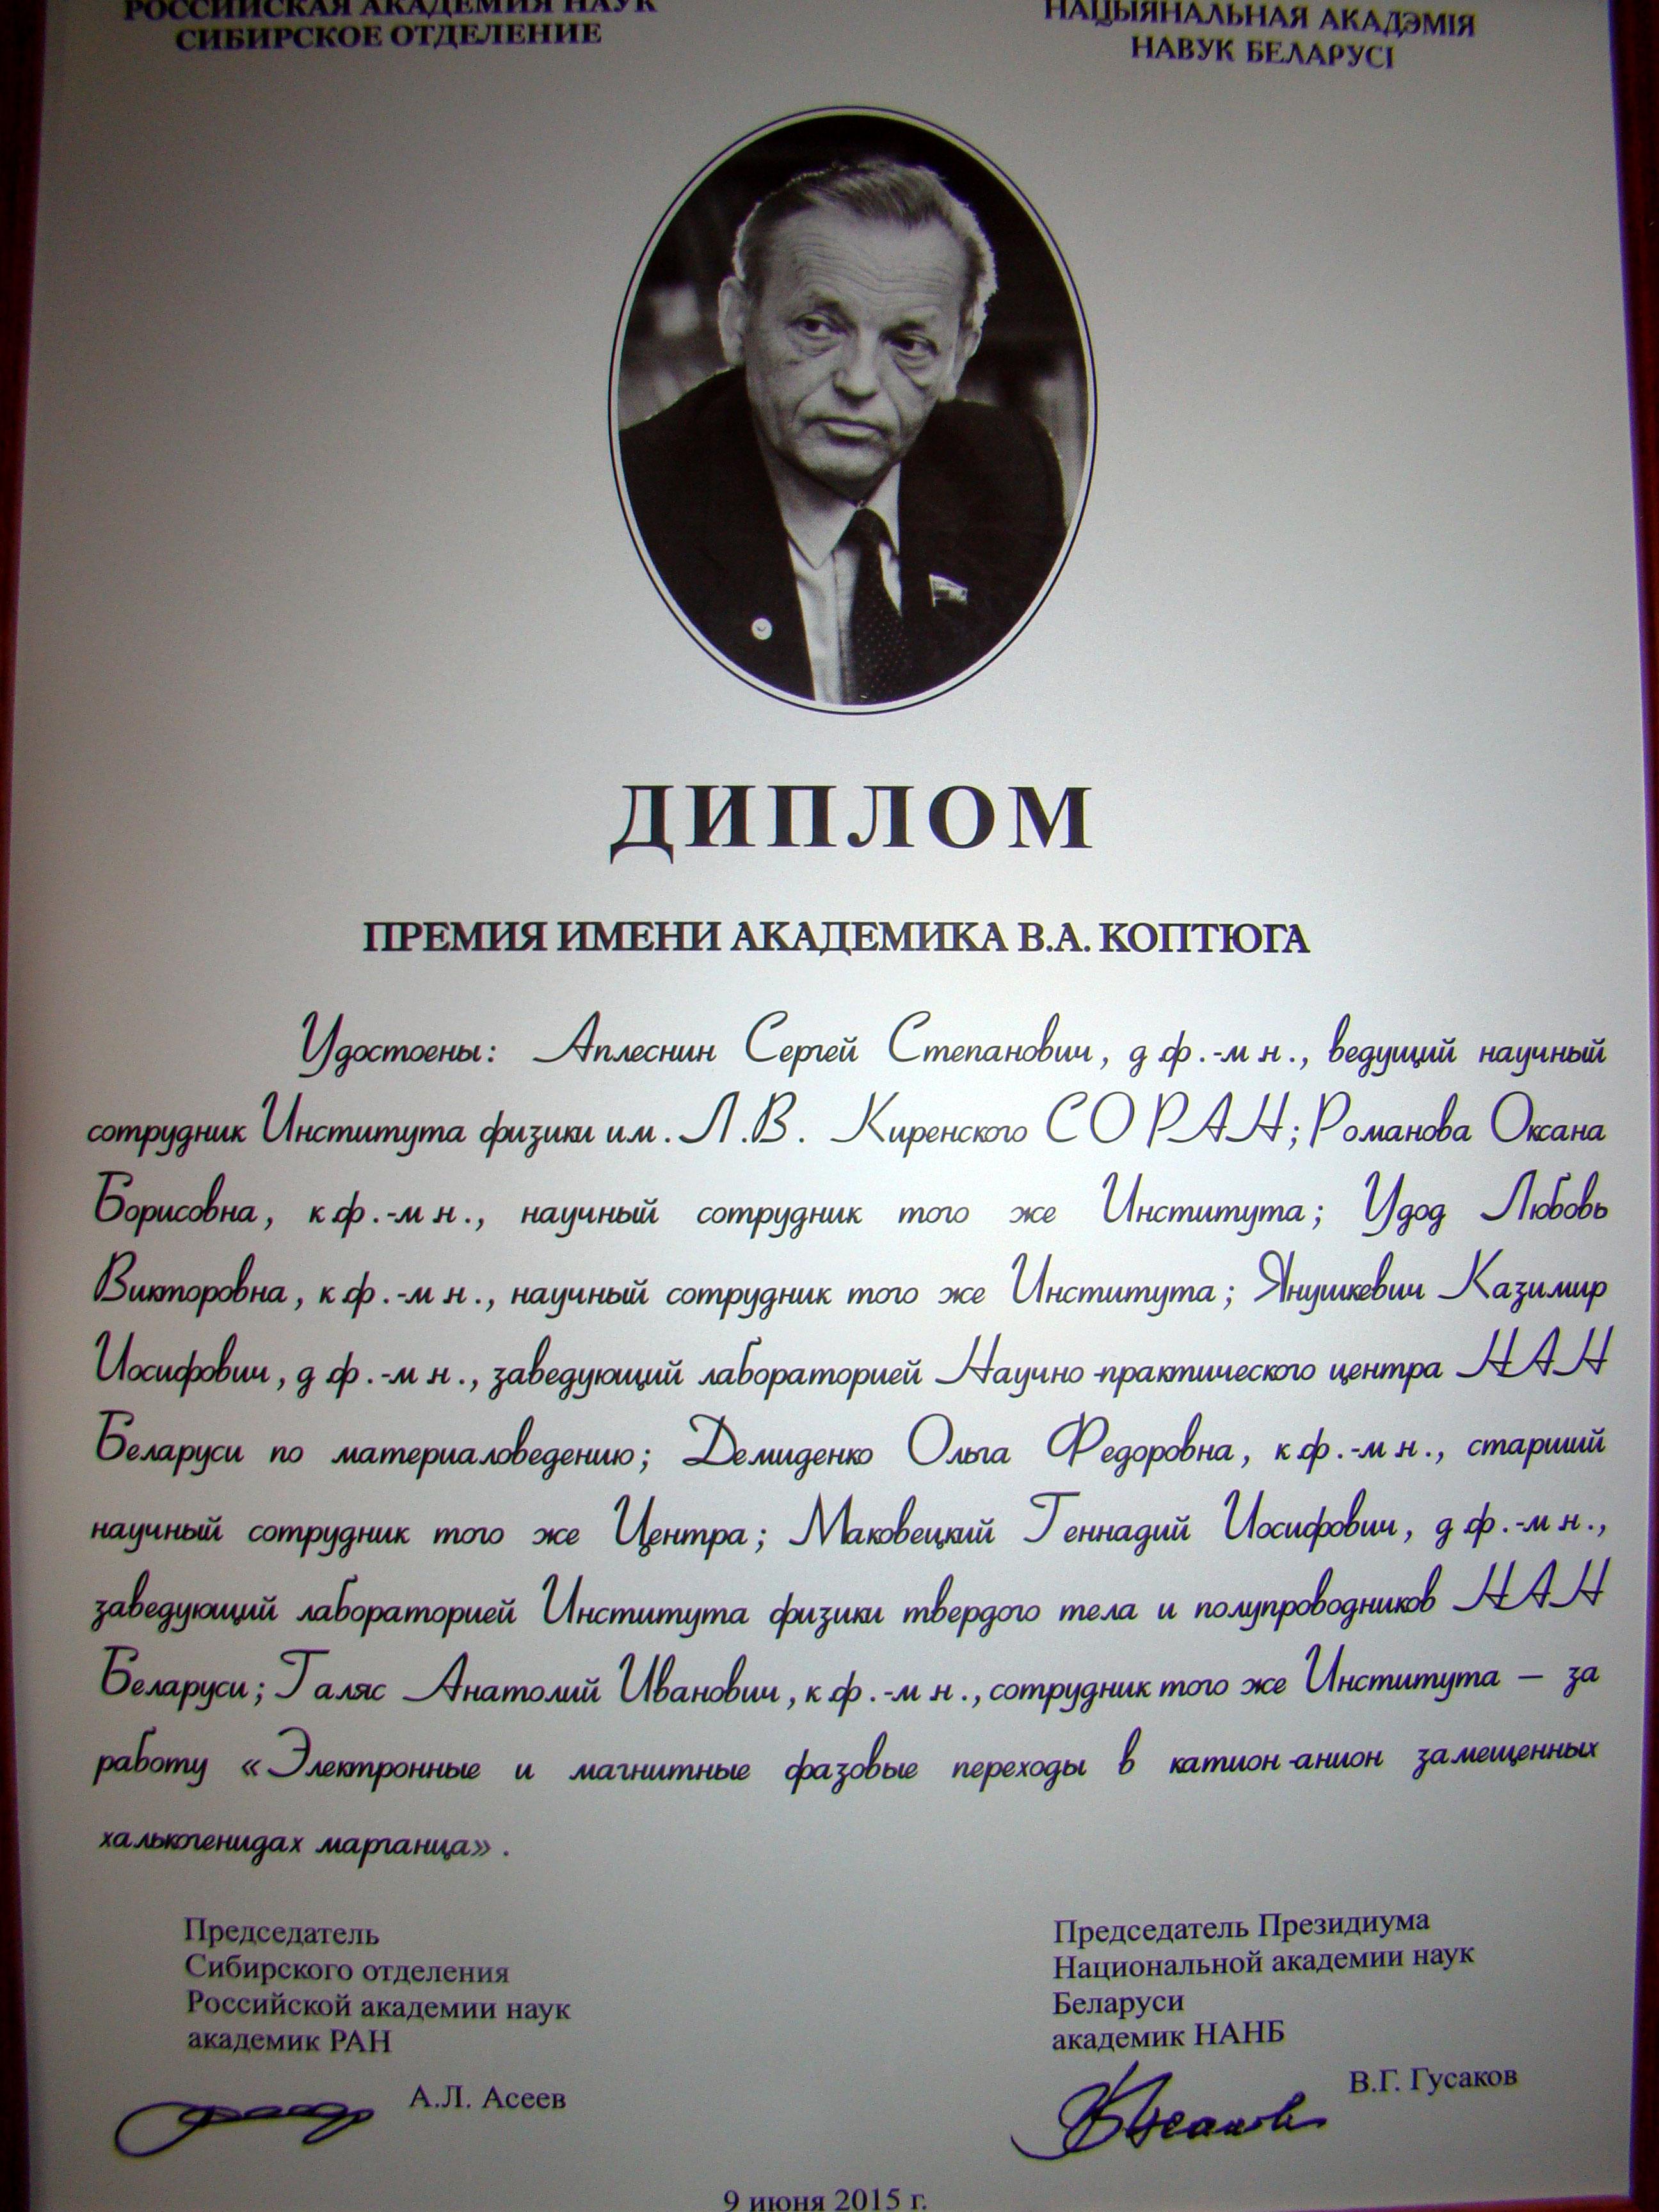 diploma_kva_l.jpg